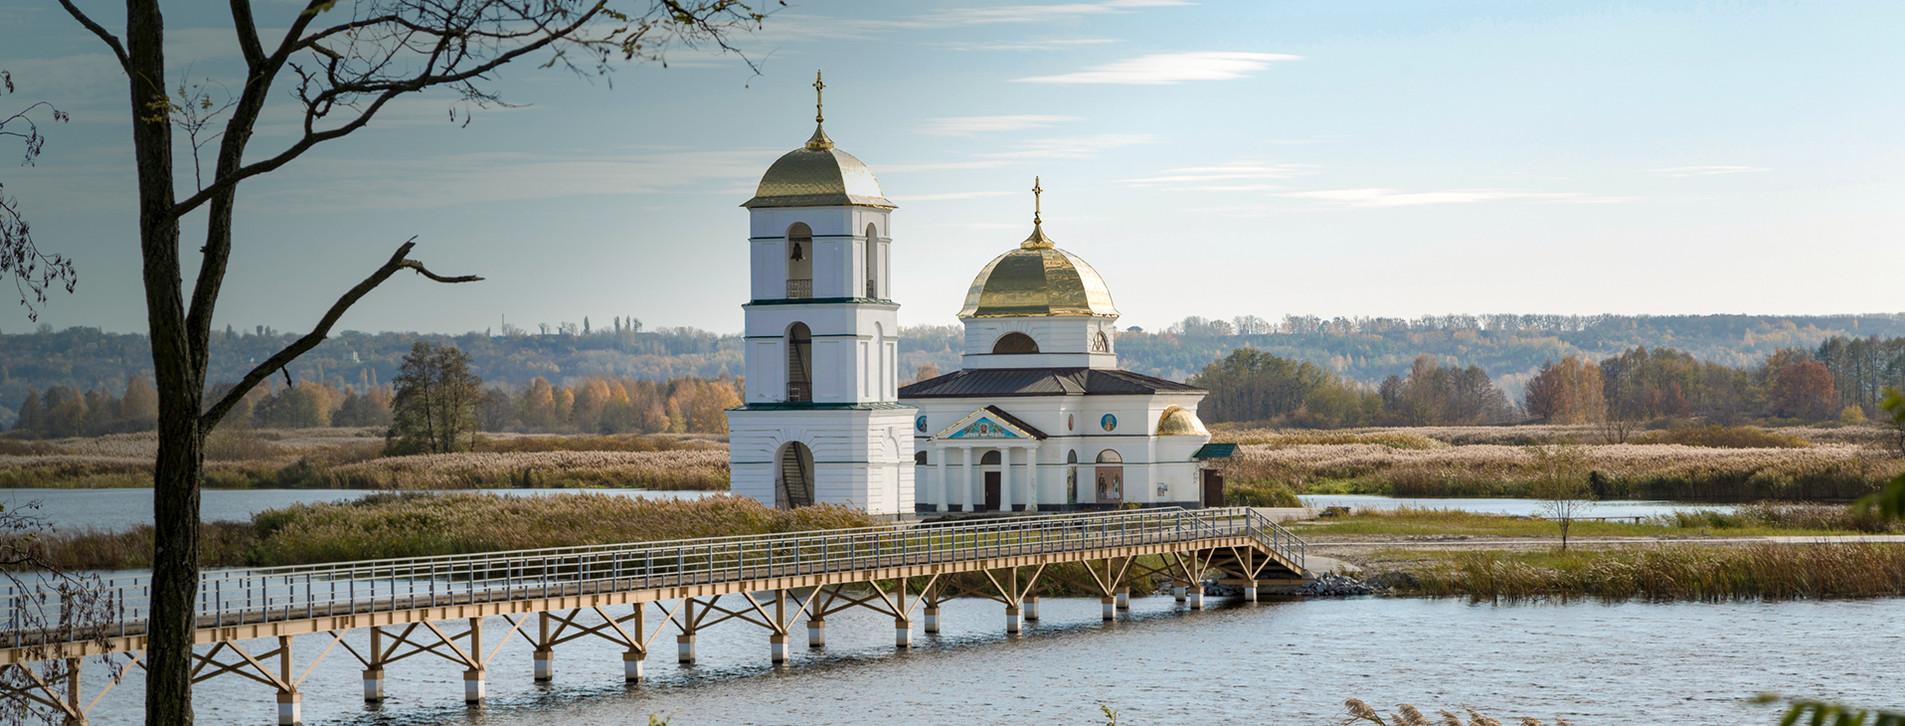 Фото 1 - Тур к затопленной церкви и днепровским кручам